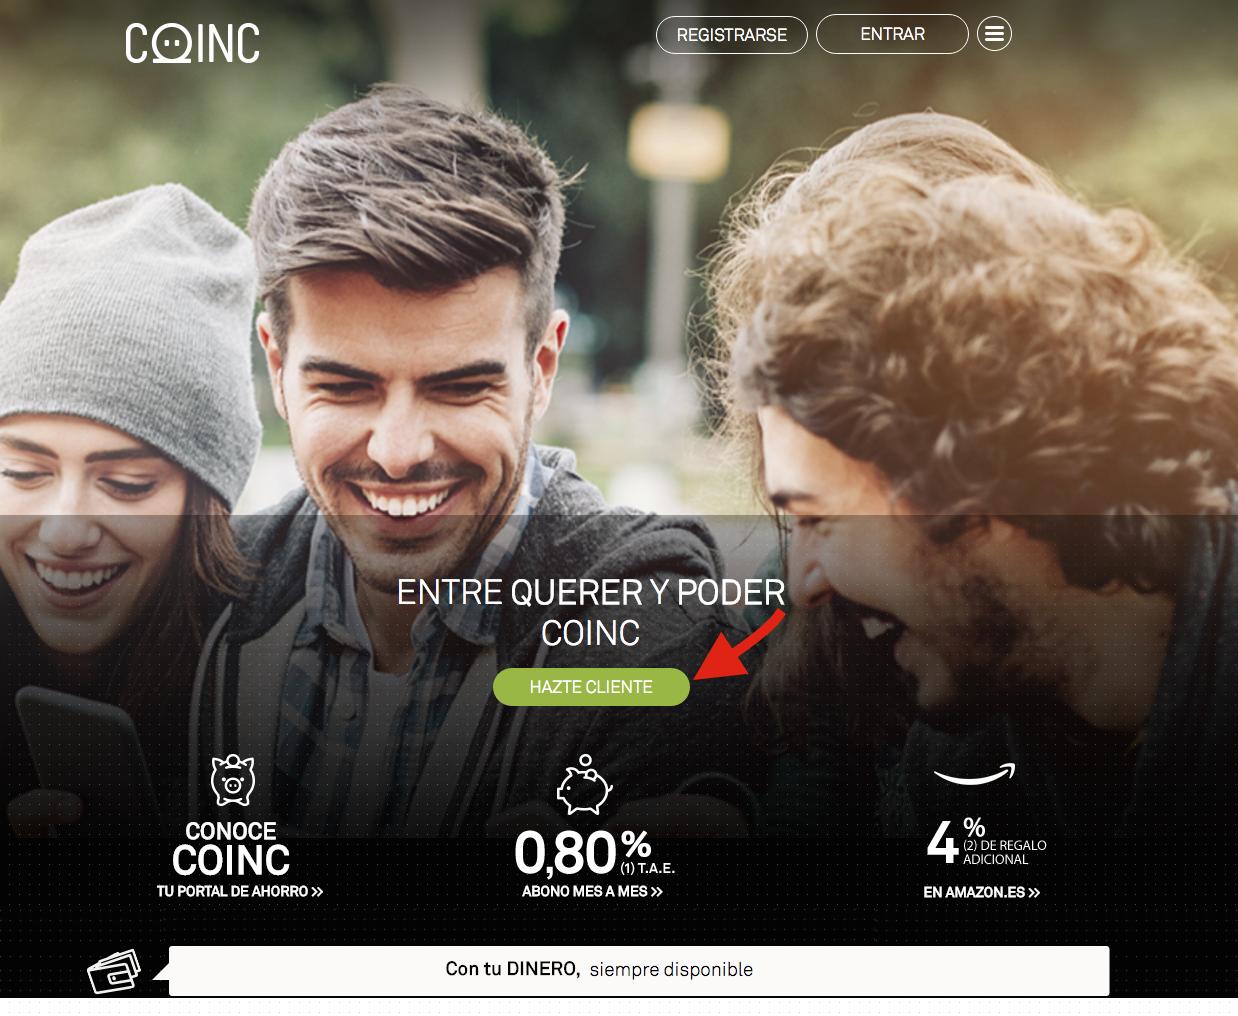 Hazte cliente Coinc